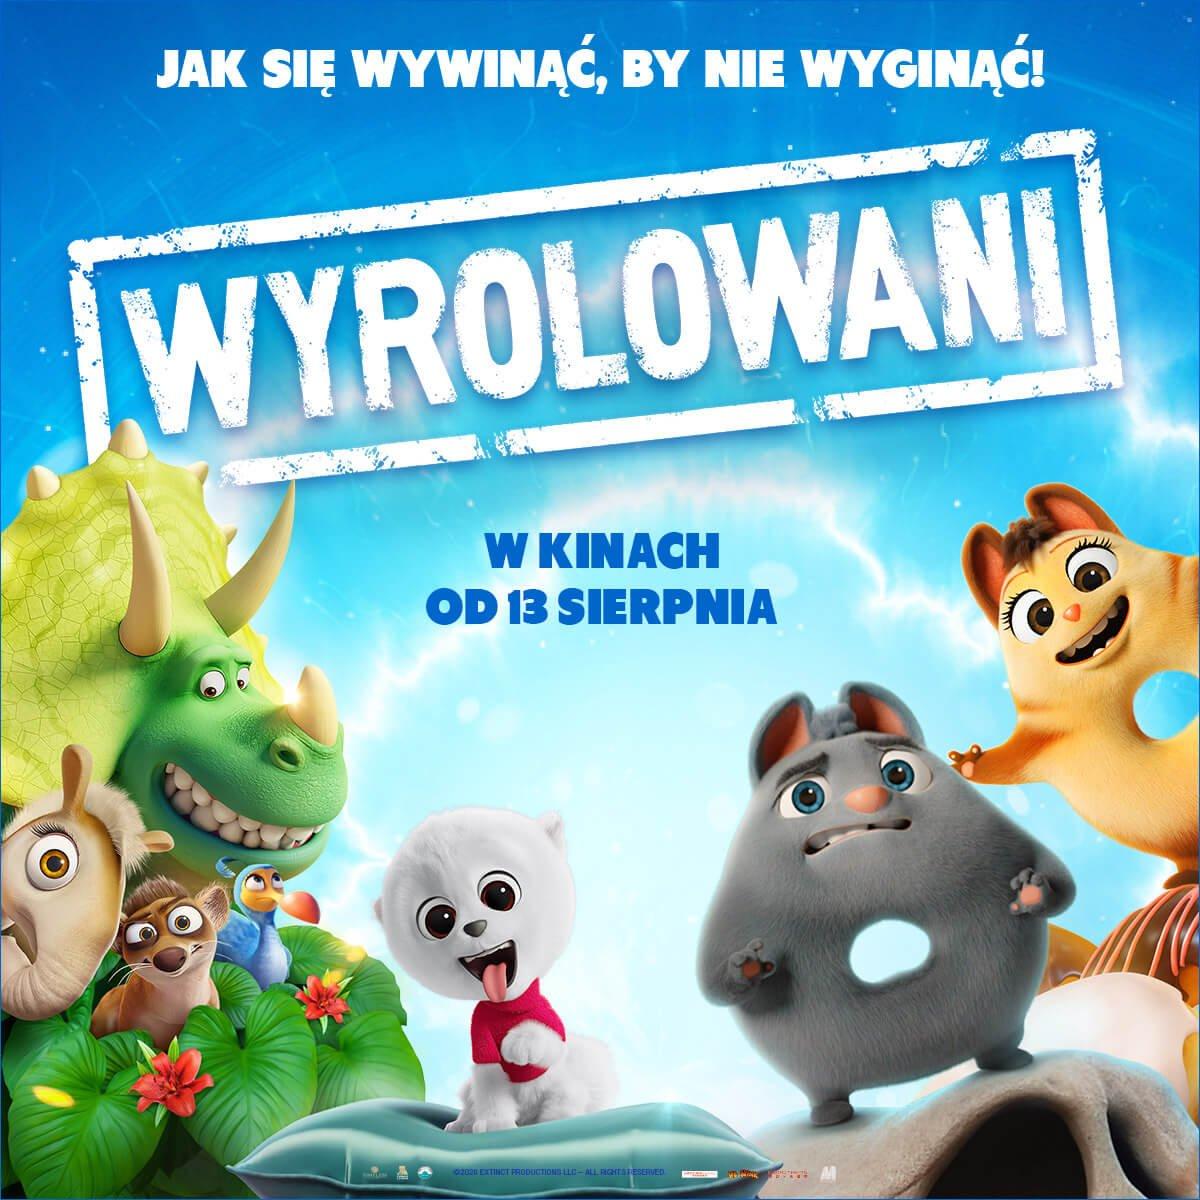 Plakat z filmu Wyrolowani